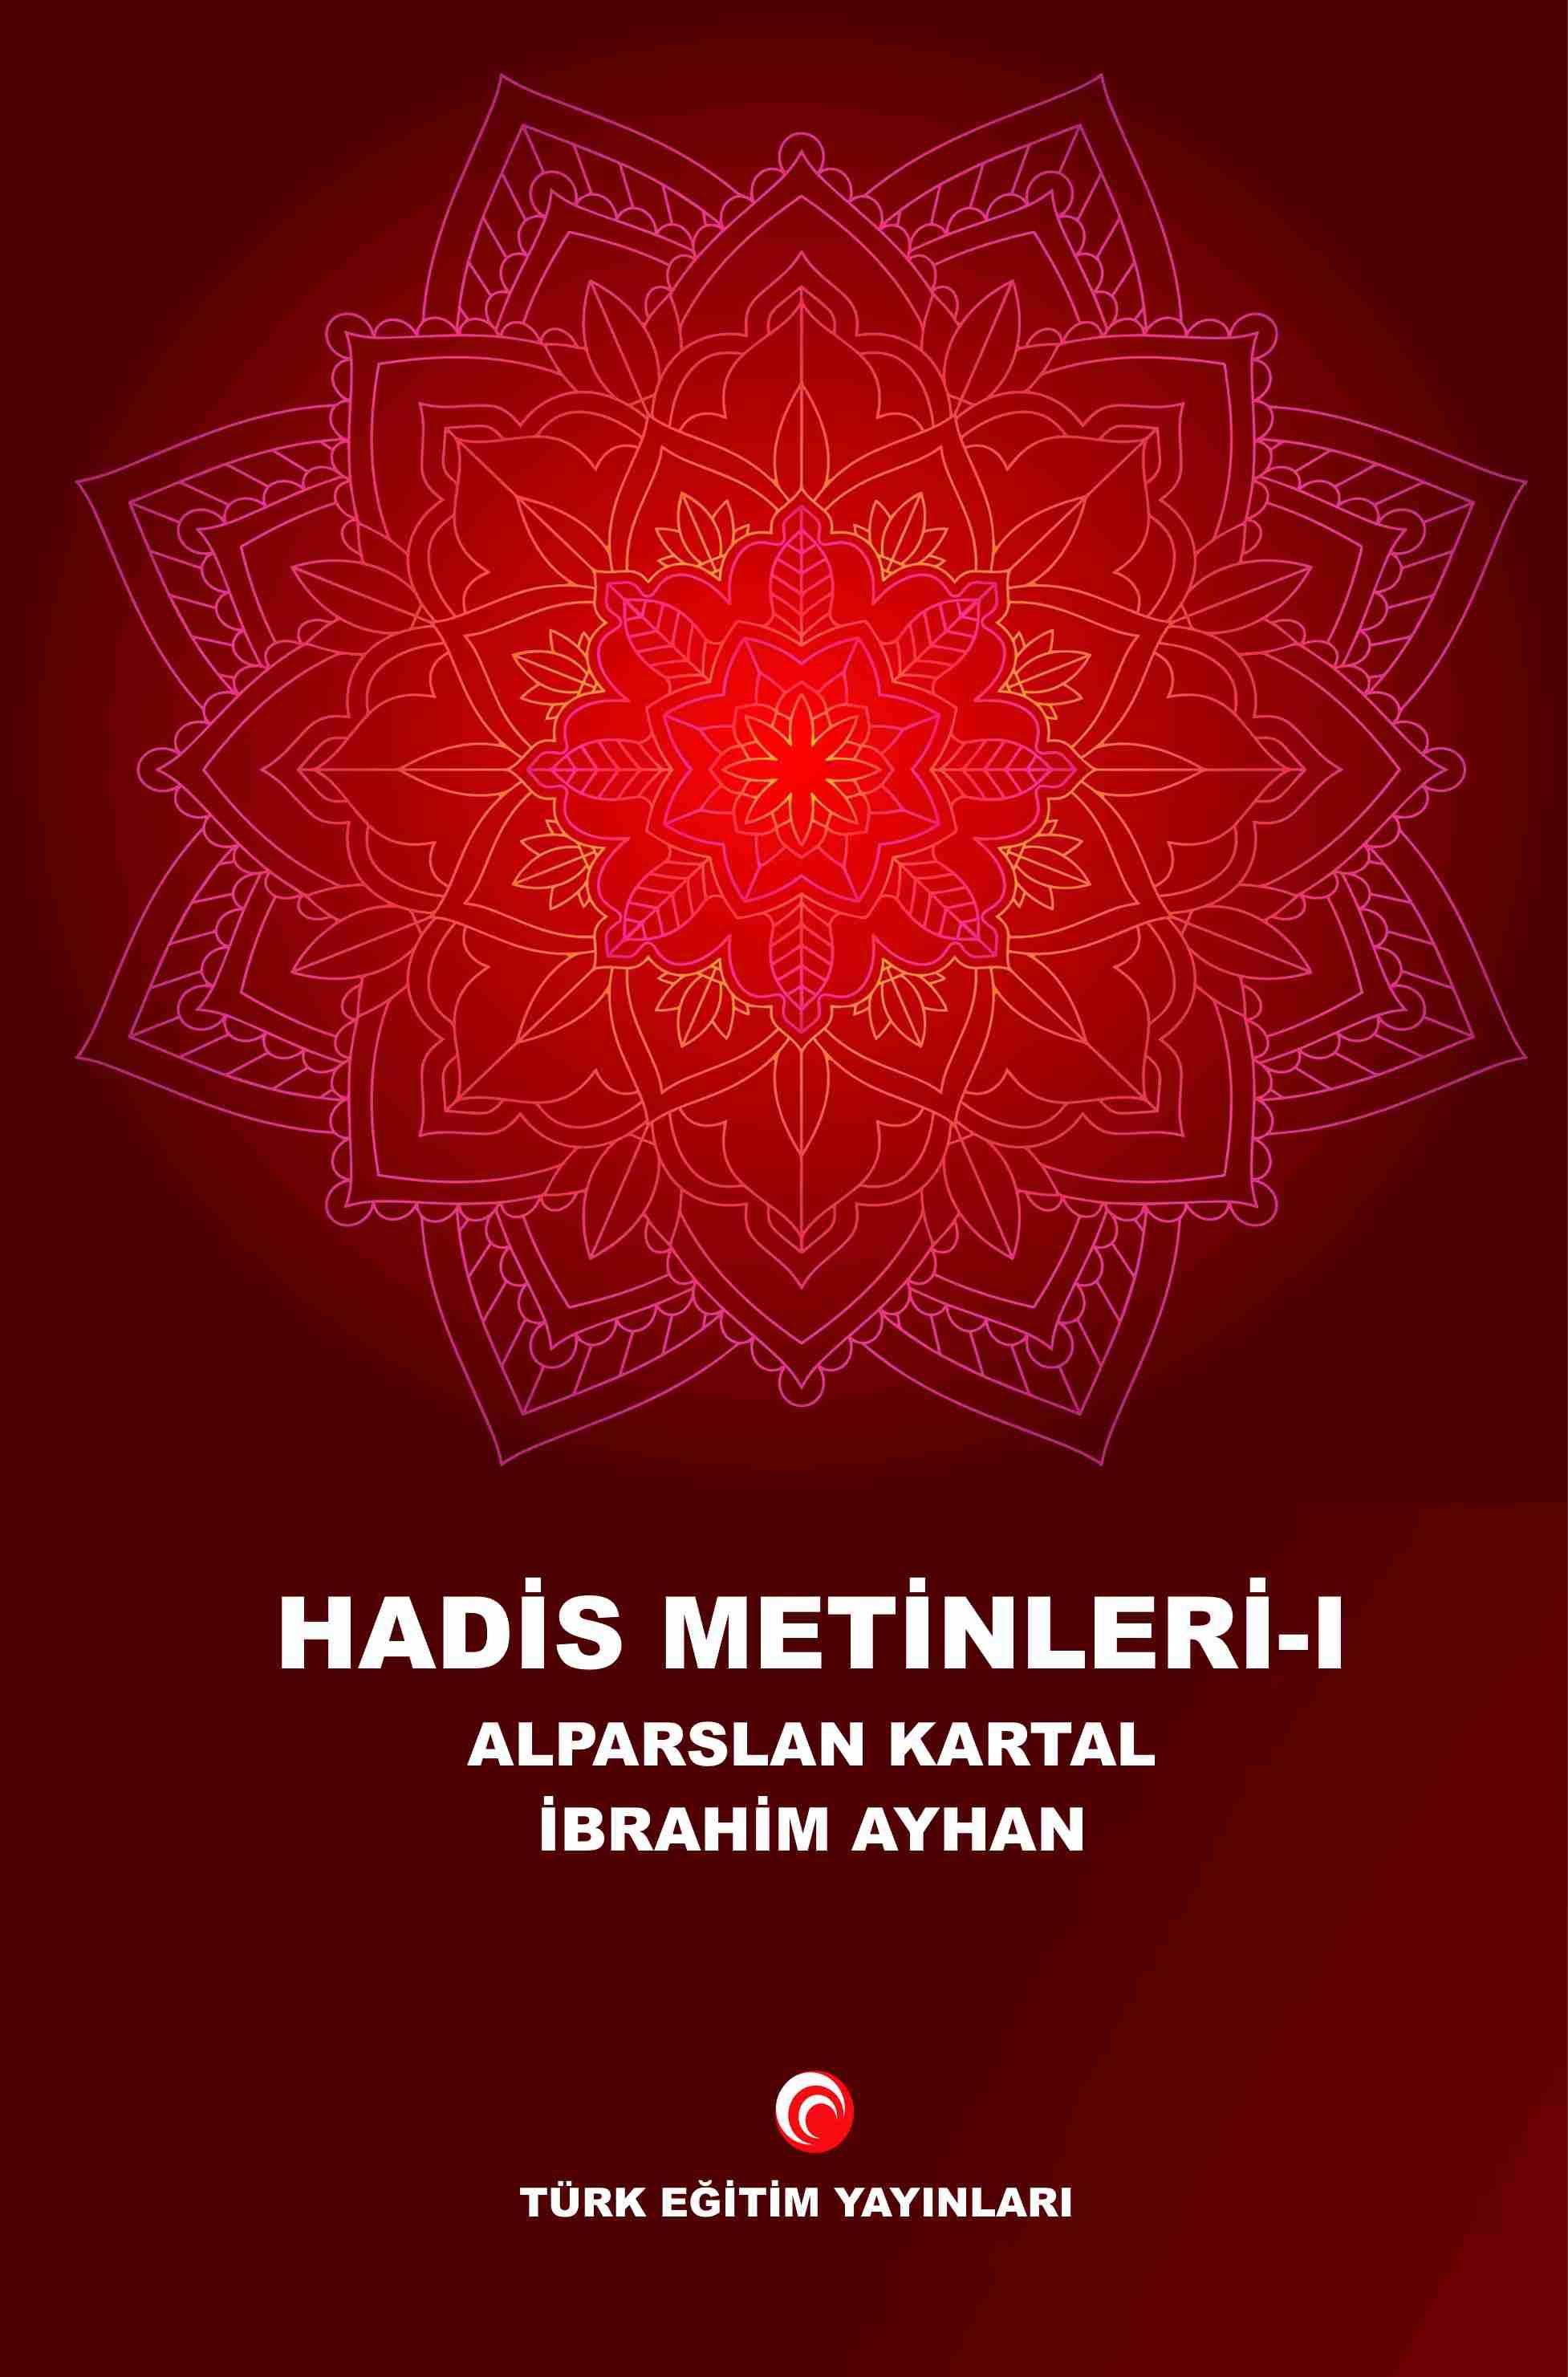 Hadis Metinleri-I